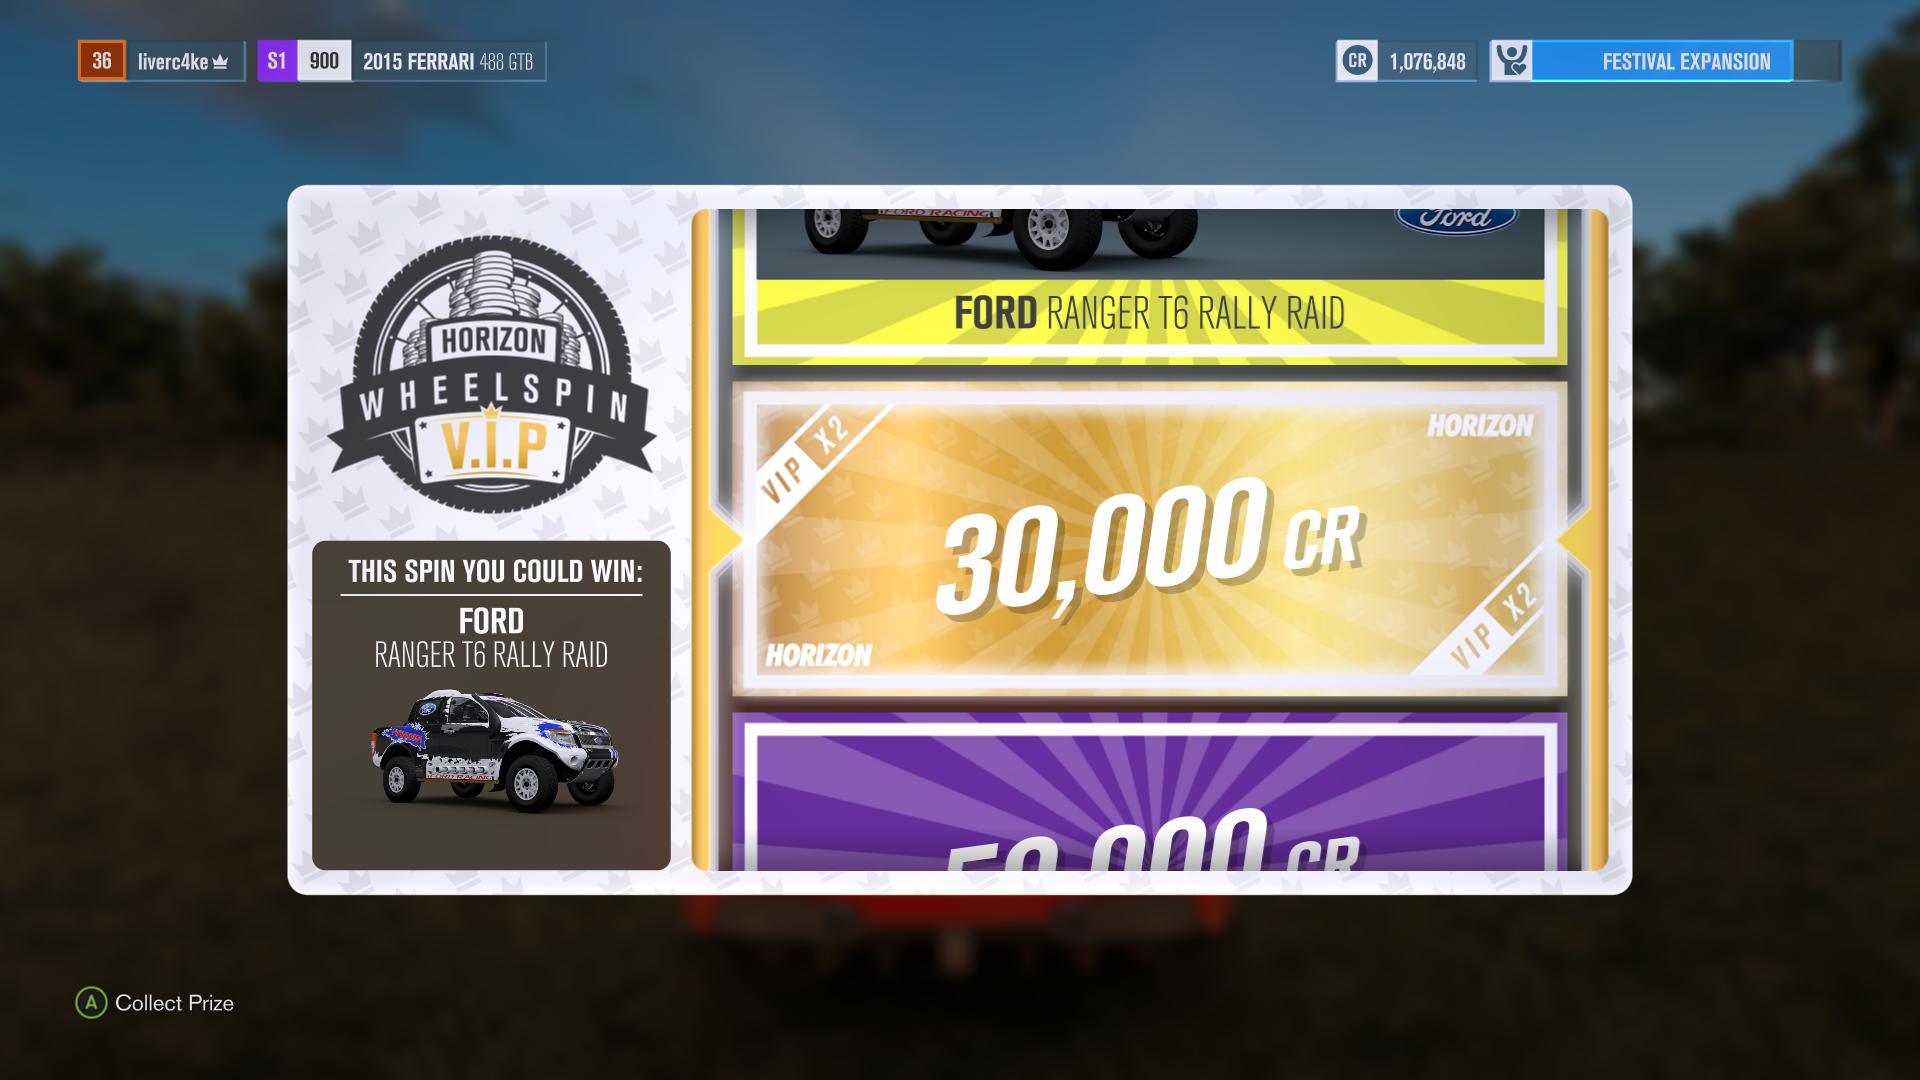 La ruleta de la suerte! Gánate autos gratis, plata, XP boosts... no puedes tener un festival sin rueda de la suerte.